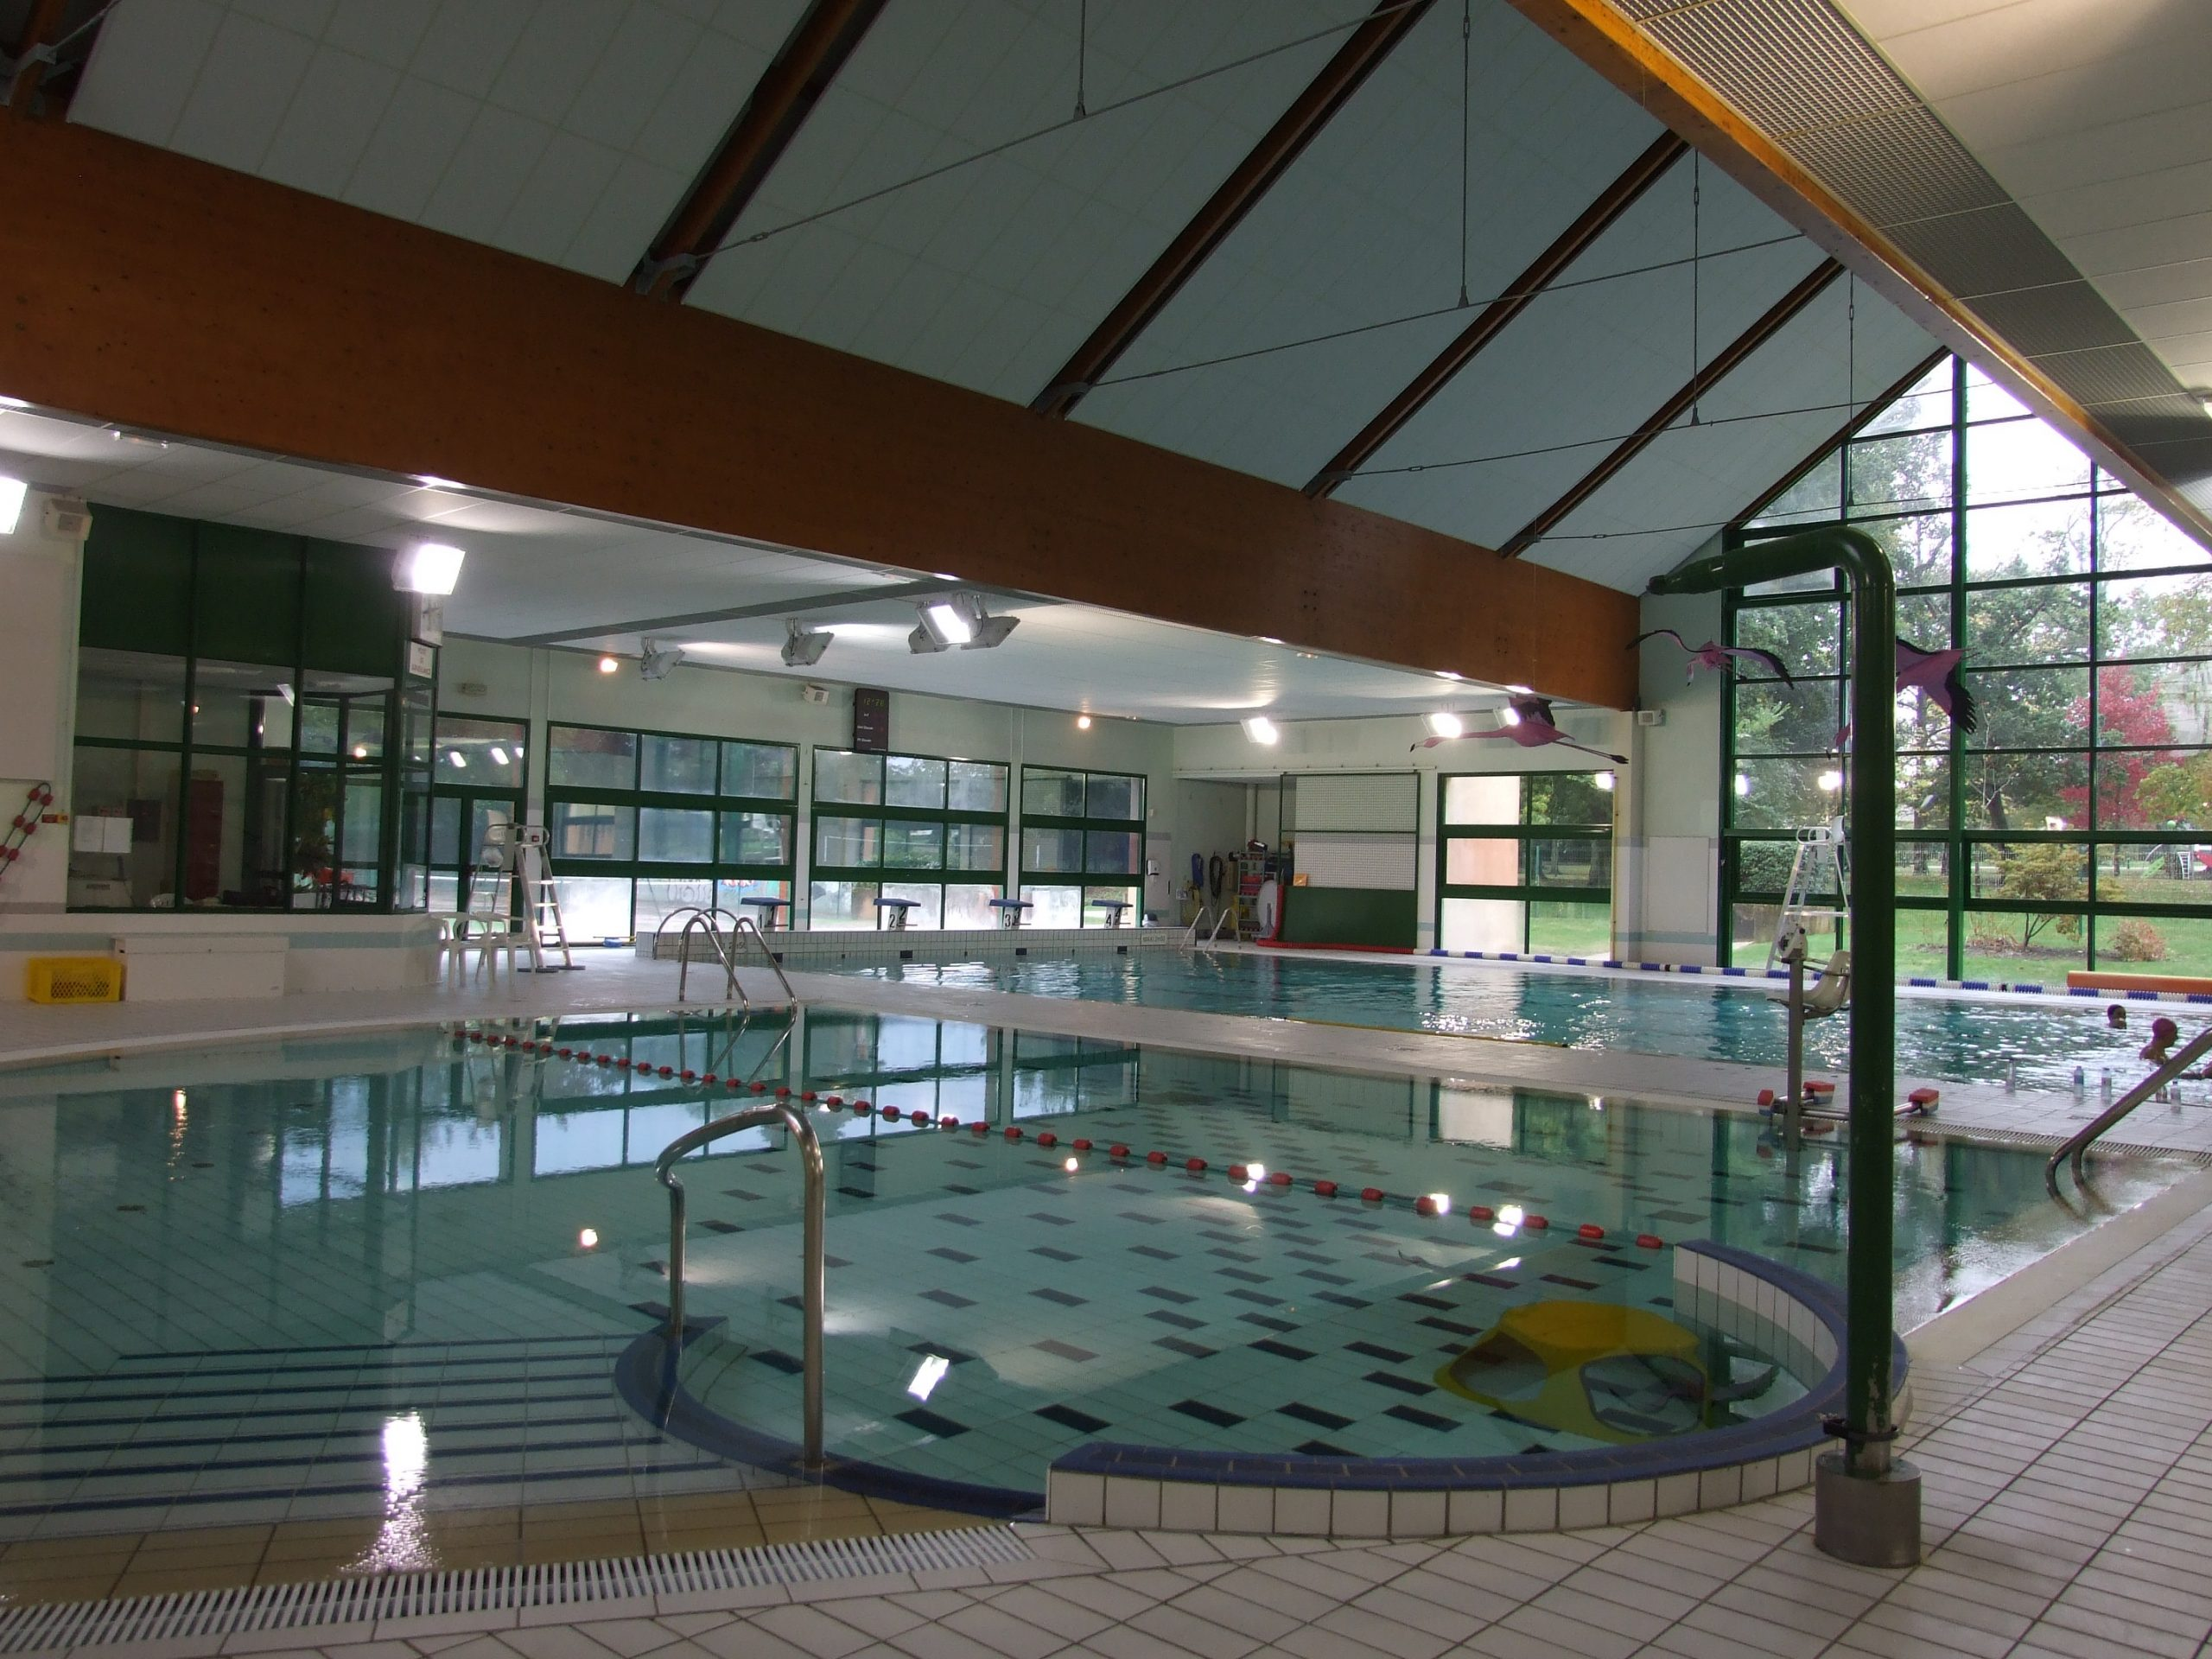 Dufisol: Faux Plafonds Pour Salles De Sport Et Gymnases avec Piscine Bourgonnière